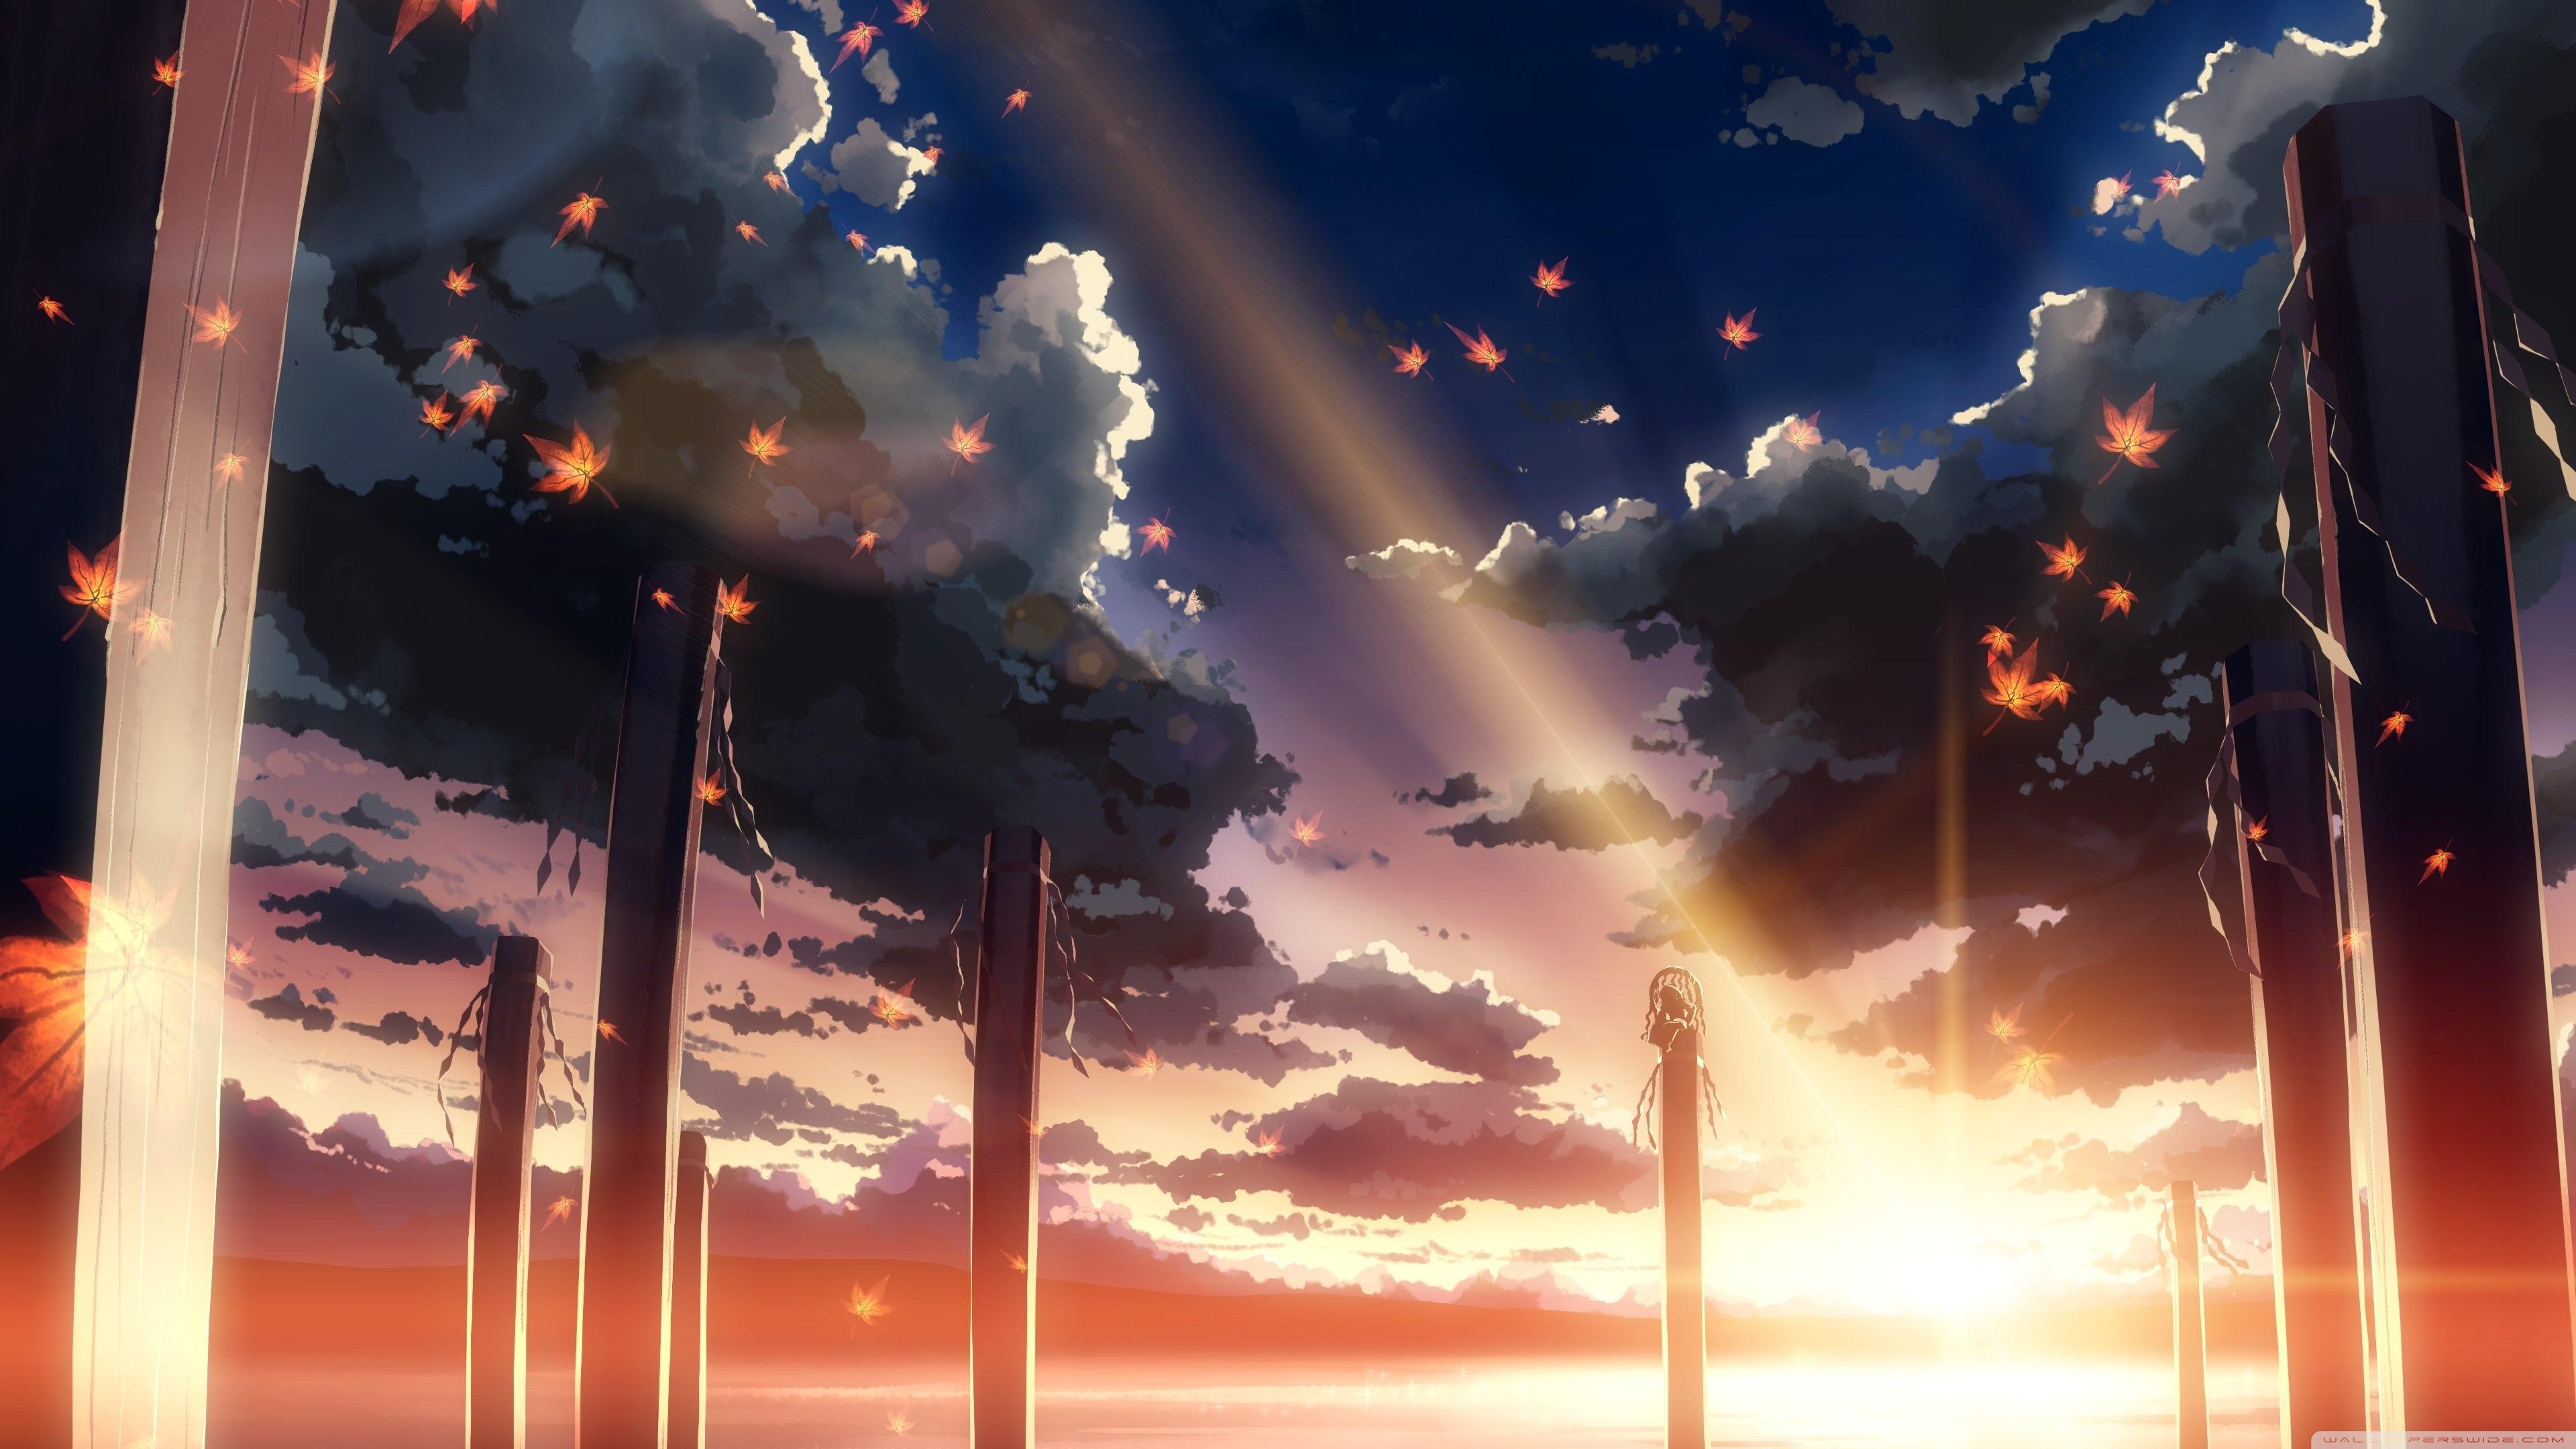 Hình ảnh anime đẹp dưới ánh hoàng hôn